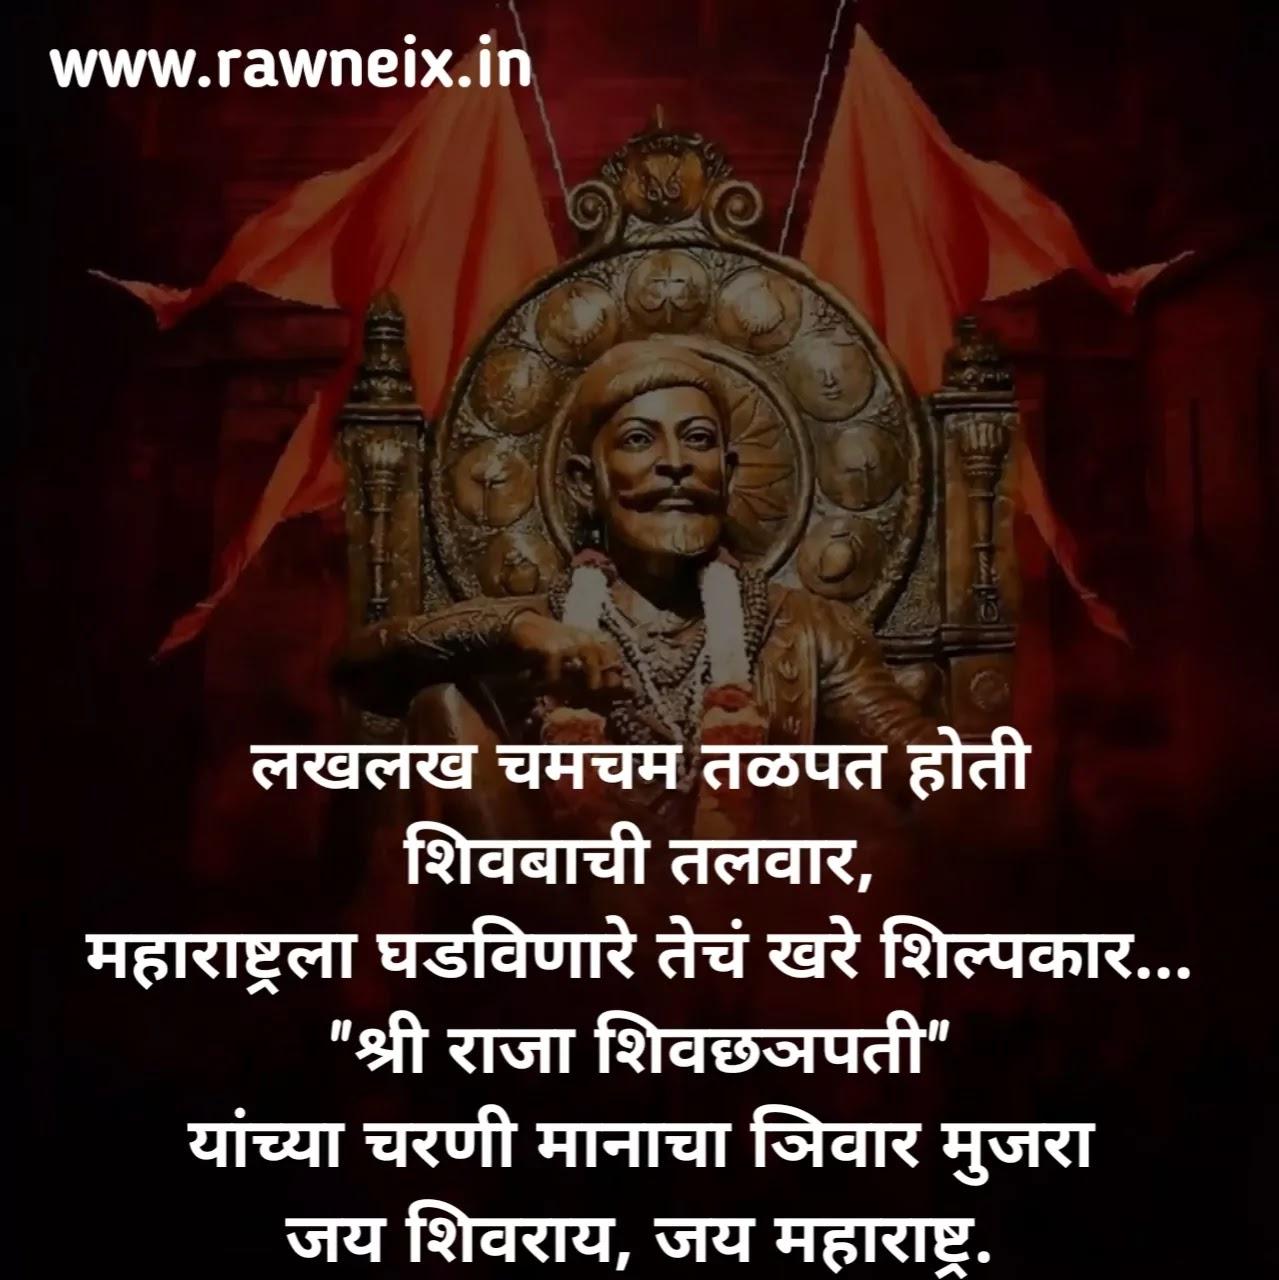 Shivaji maharaj Jayanti Wishes in Hindi and Marathi